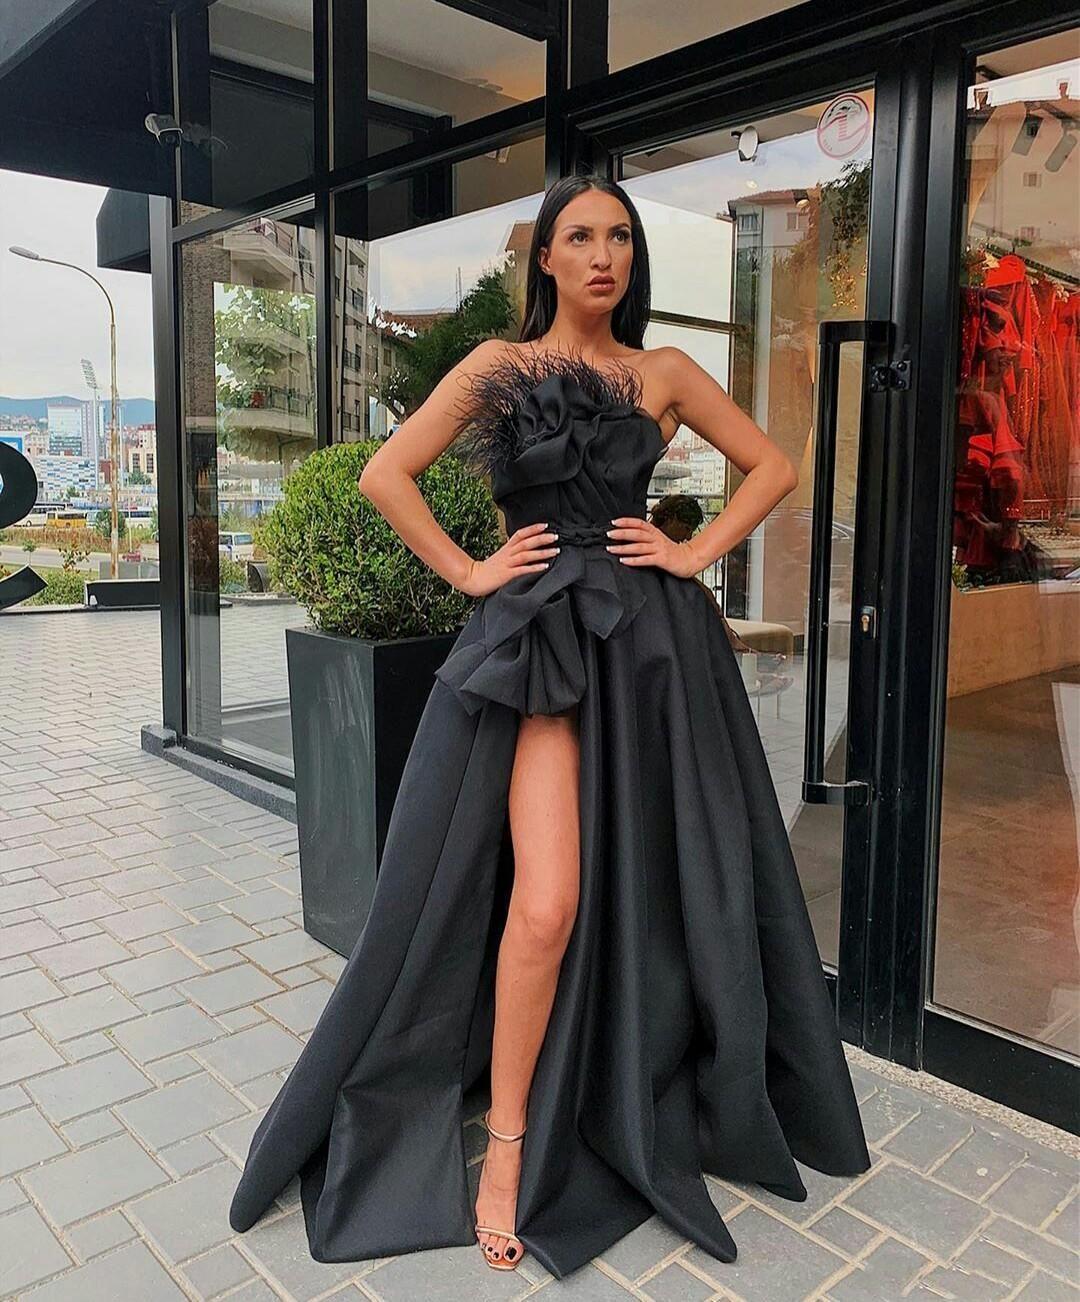 Robe de bal noire 2020 bretelles Satin plumes une ligne haute robe de soirée fendue personnalisée de train de balayage guiche de cocktail